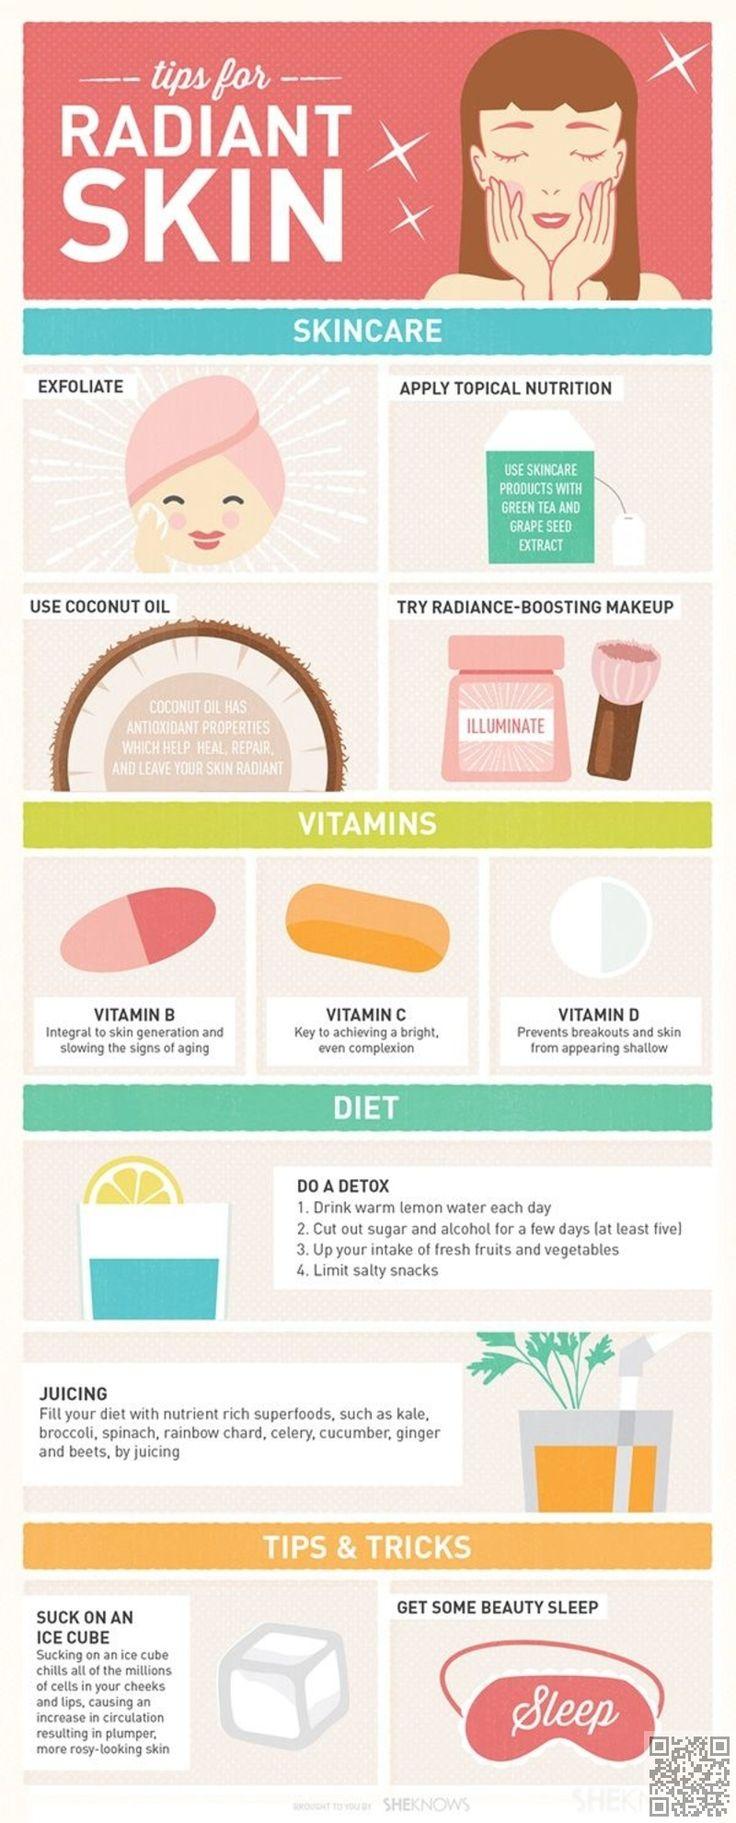 18. 5 #consejos para la piel radiante - #Tendencia piel mistake: 29 #infografías para ayudarle a #destacar su camino #hacia la perfección... → #Skincare